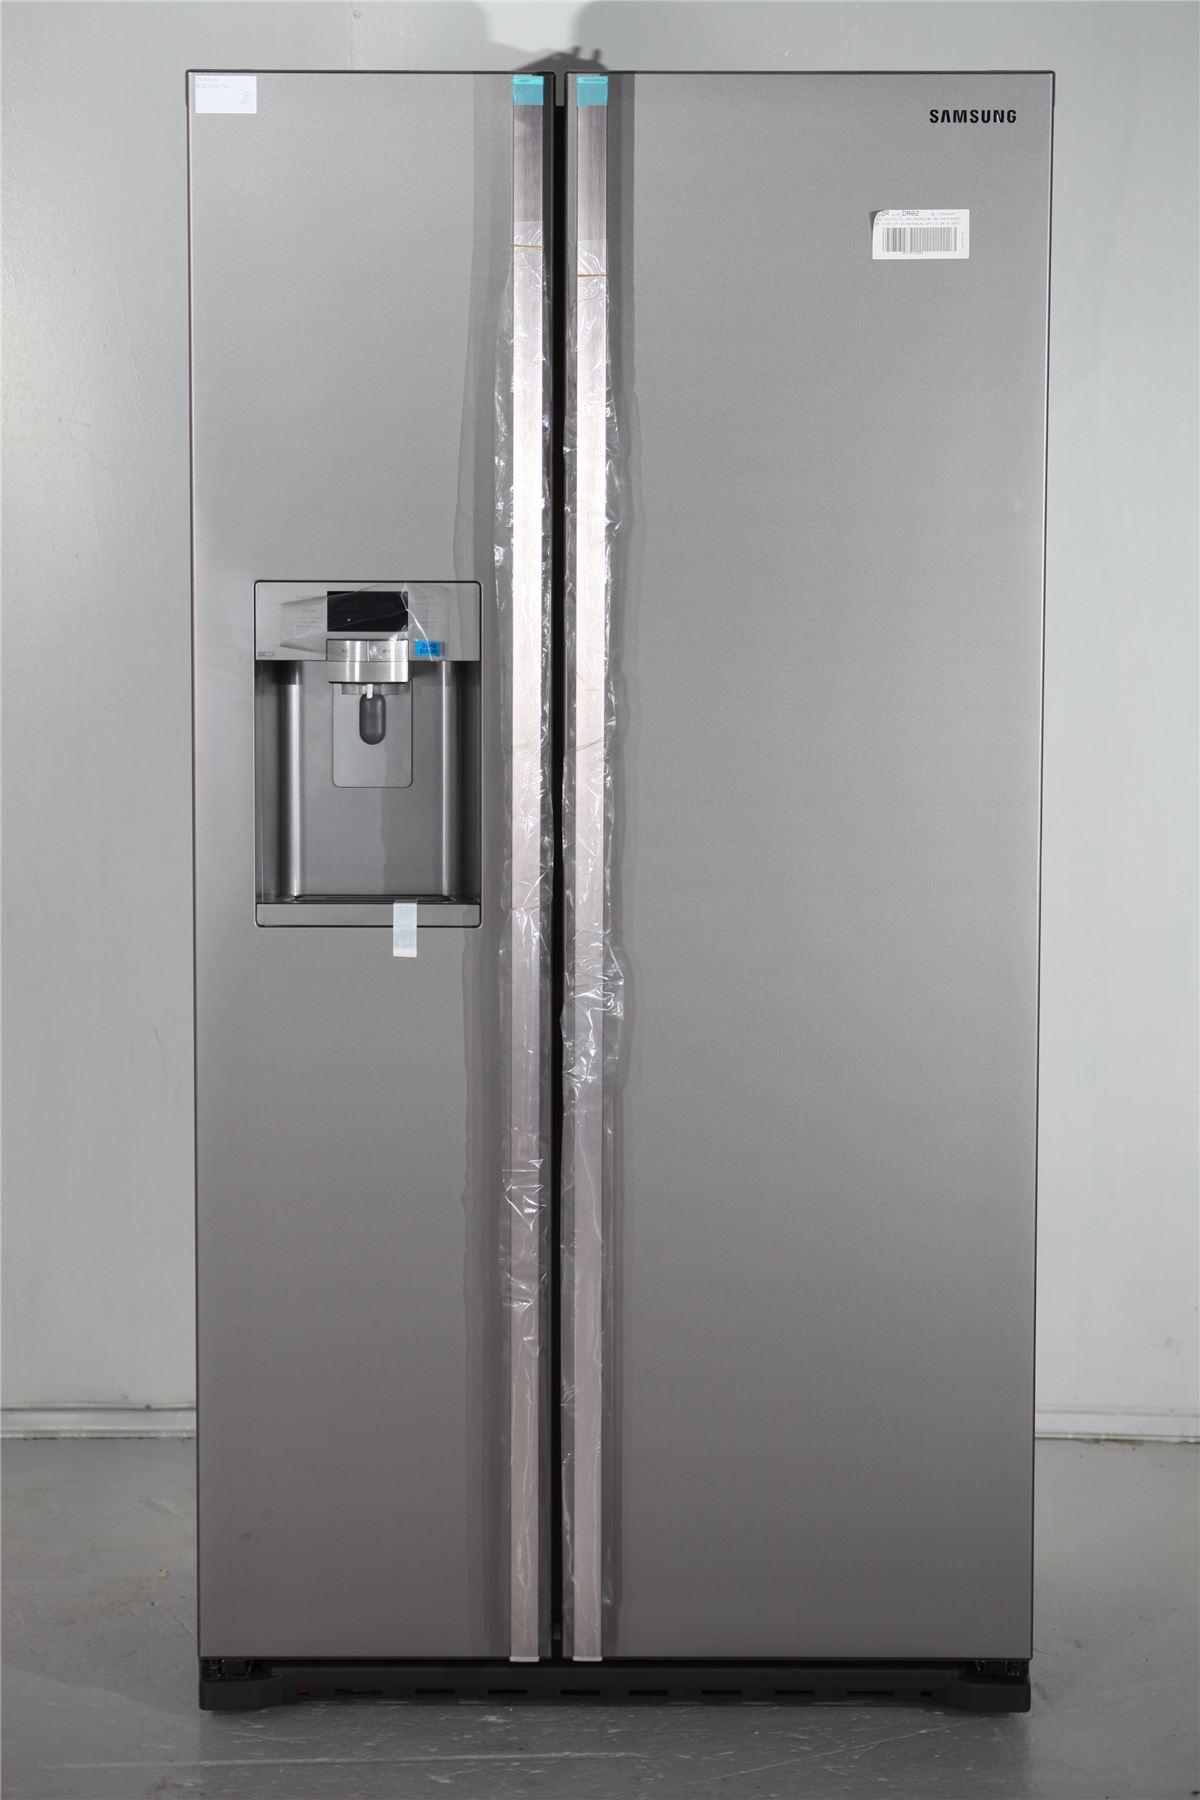 preloved samsung american fridge freezer water. Black Bedroom Furniture Sets. Home Design Ideas